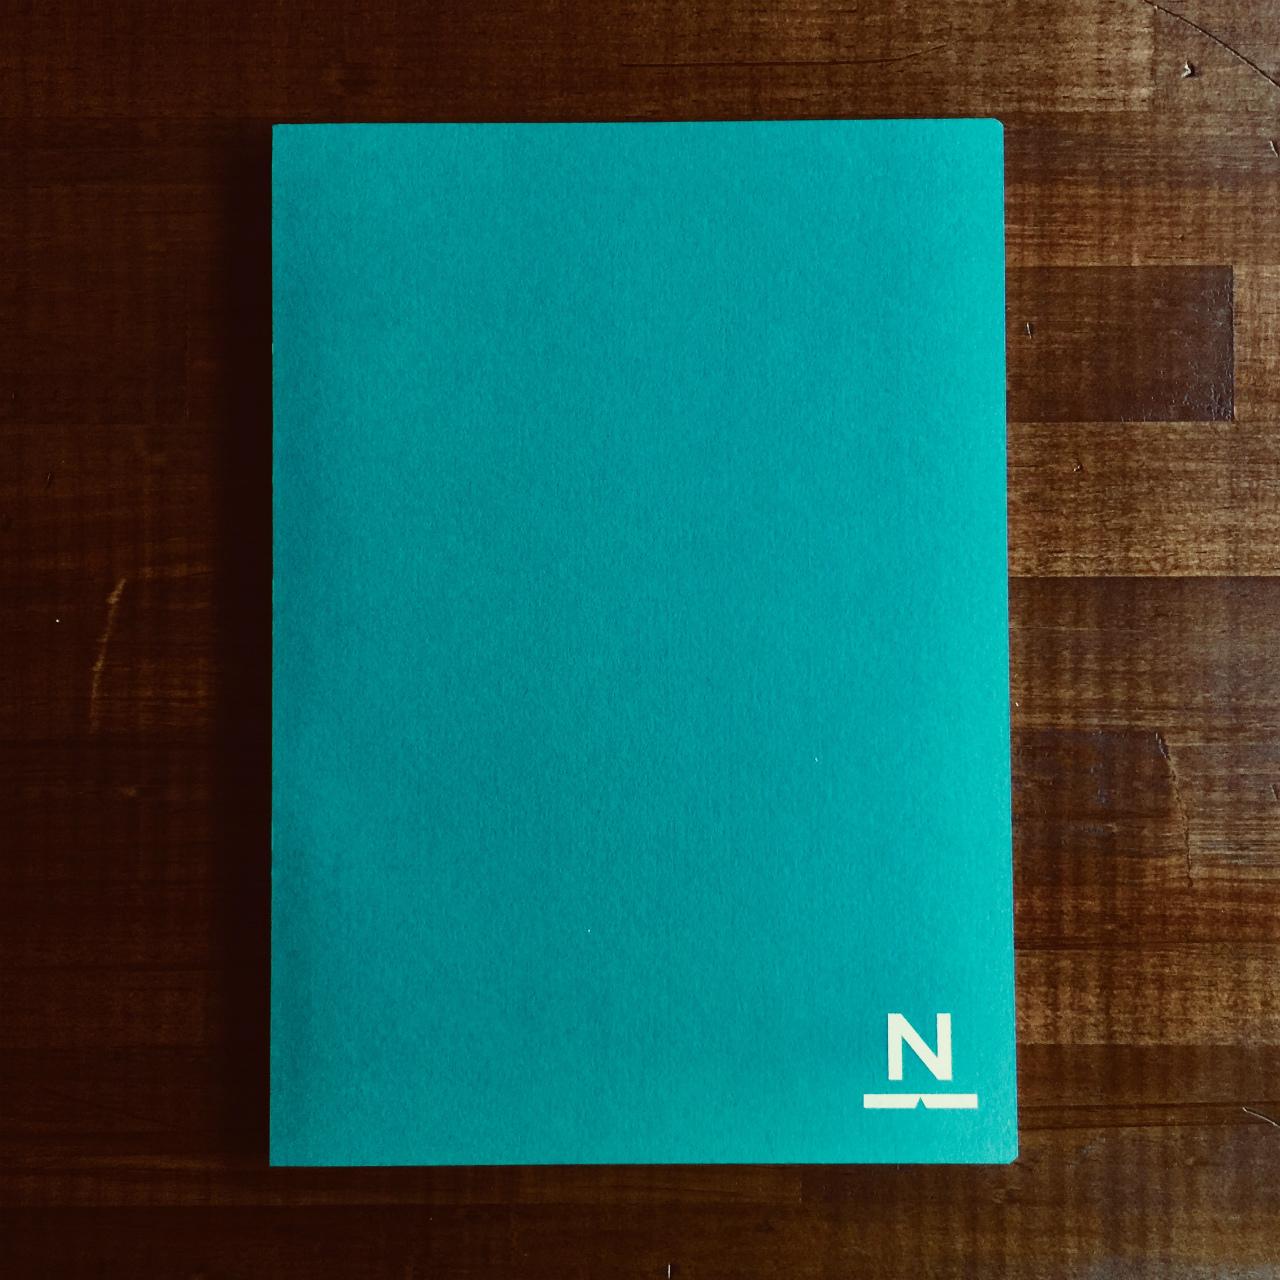 ノンブルノート「N」(04)ピーコックグリーン×ロイヤルブルー(※2020マンスリー付)